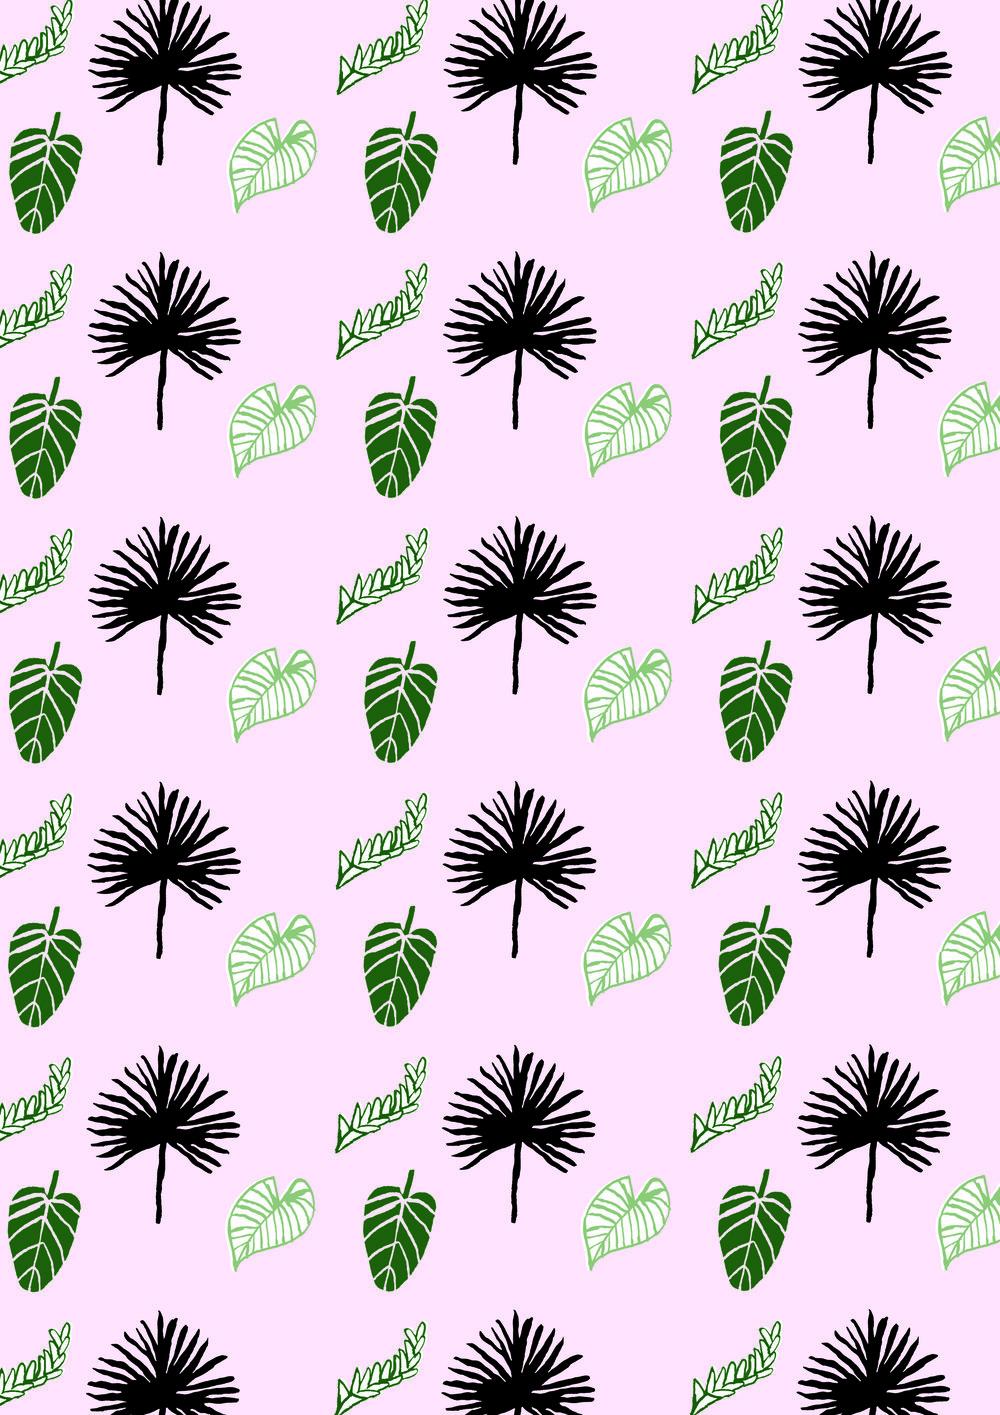 Foliage Pattern 2.jpg